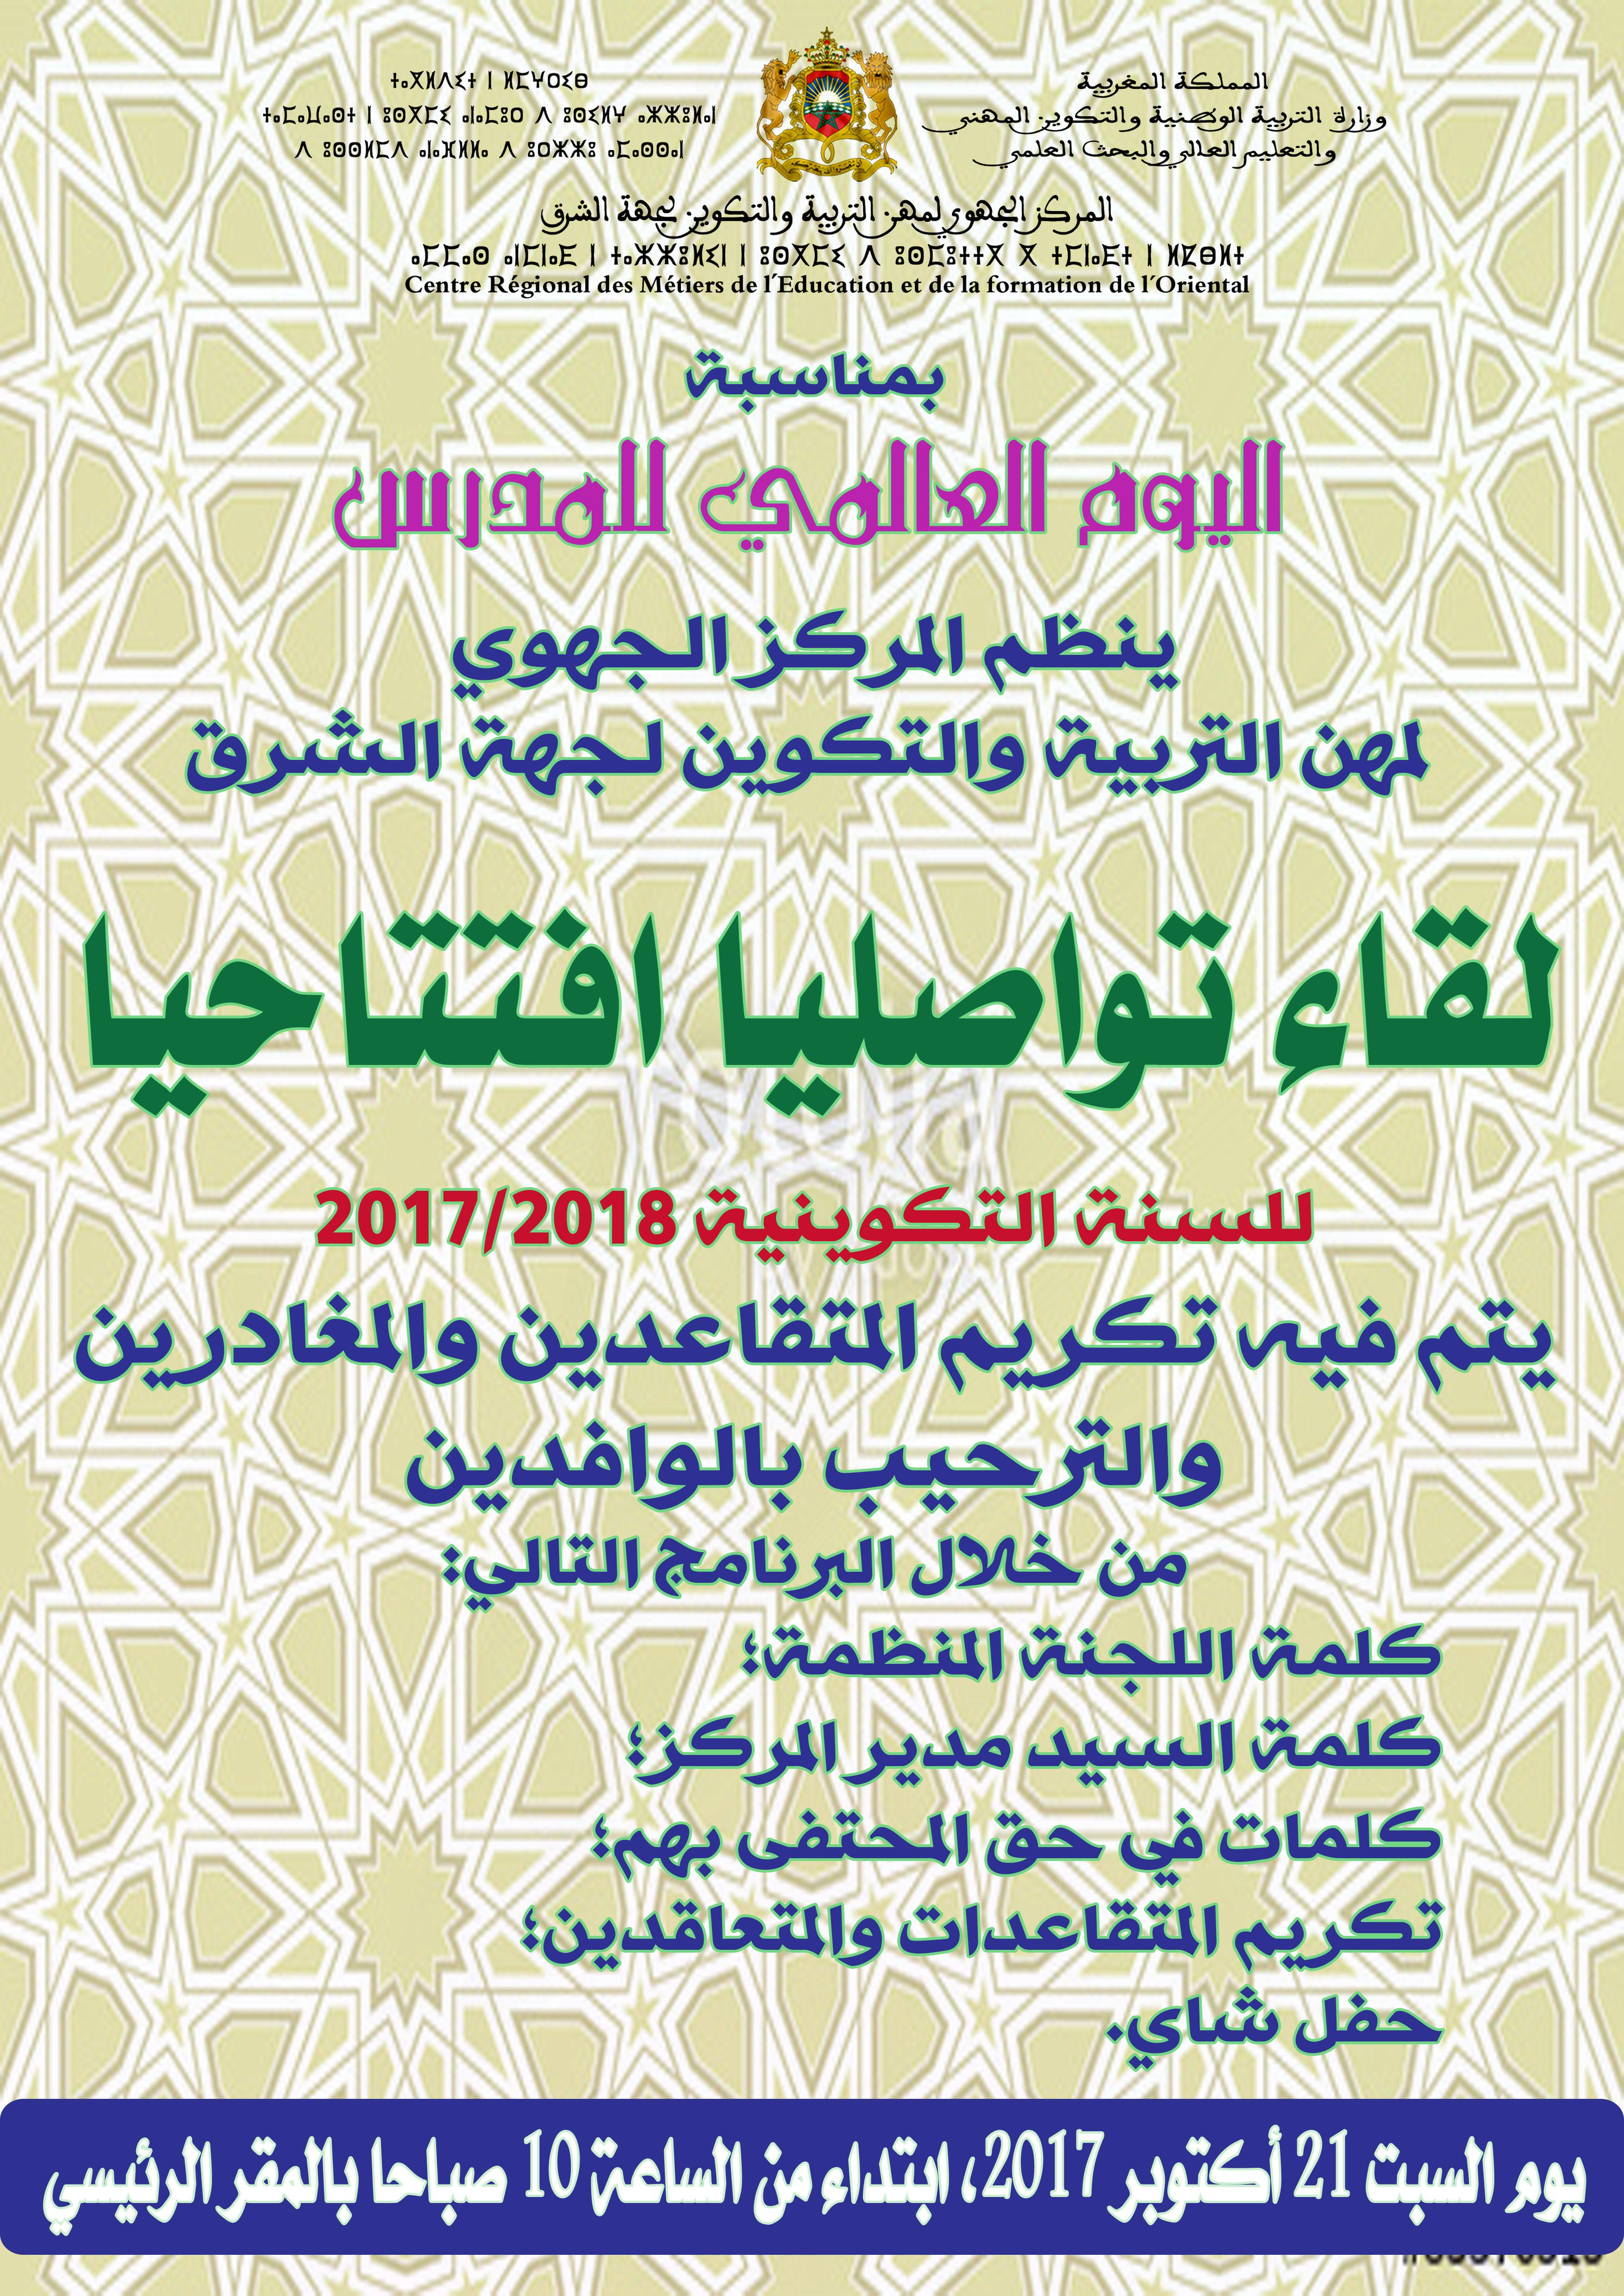 إعلان افتتاح السنة التكوينية 20172018